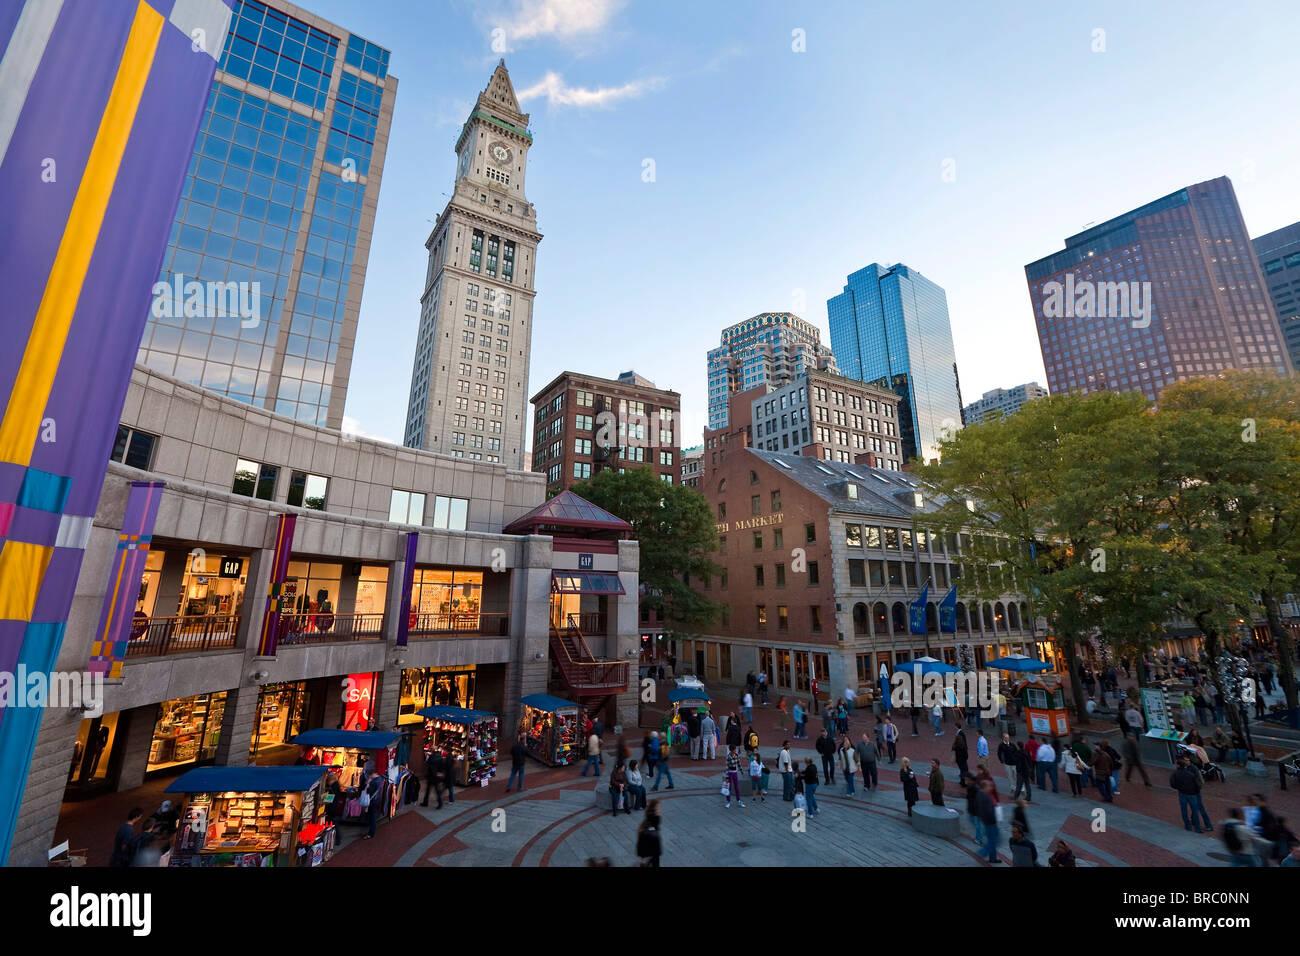 Il Mercato di Quincy, Boston, Massachusetts, New England, STATI UNITI D'AMERICA Immagini Stock